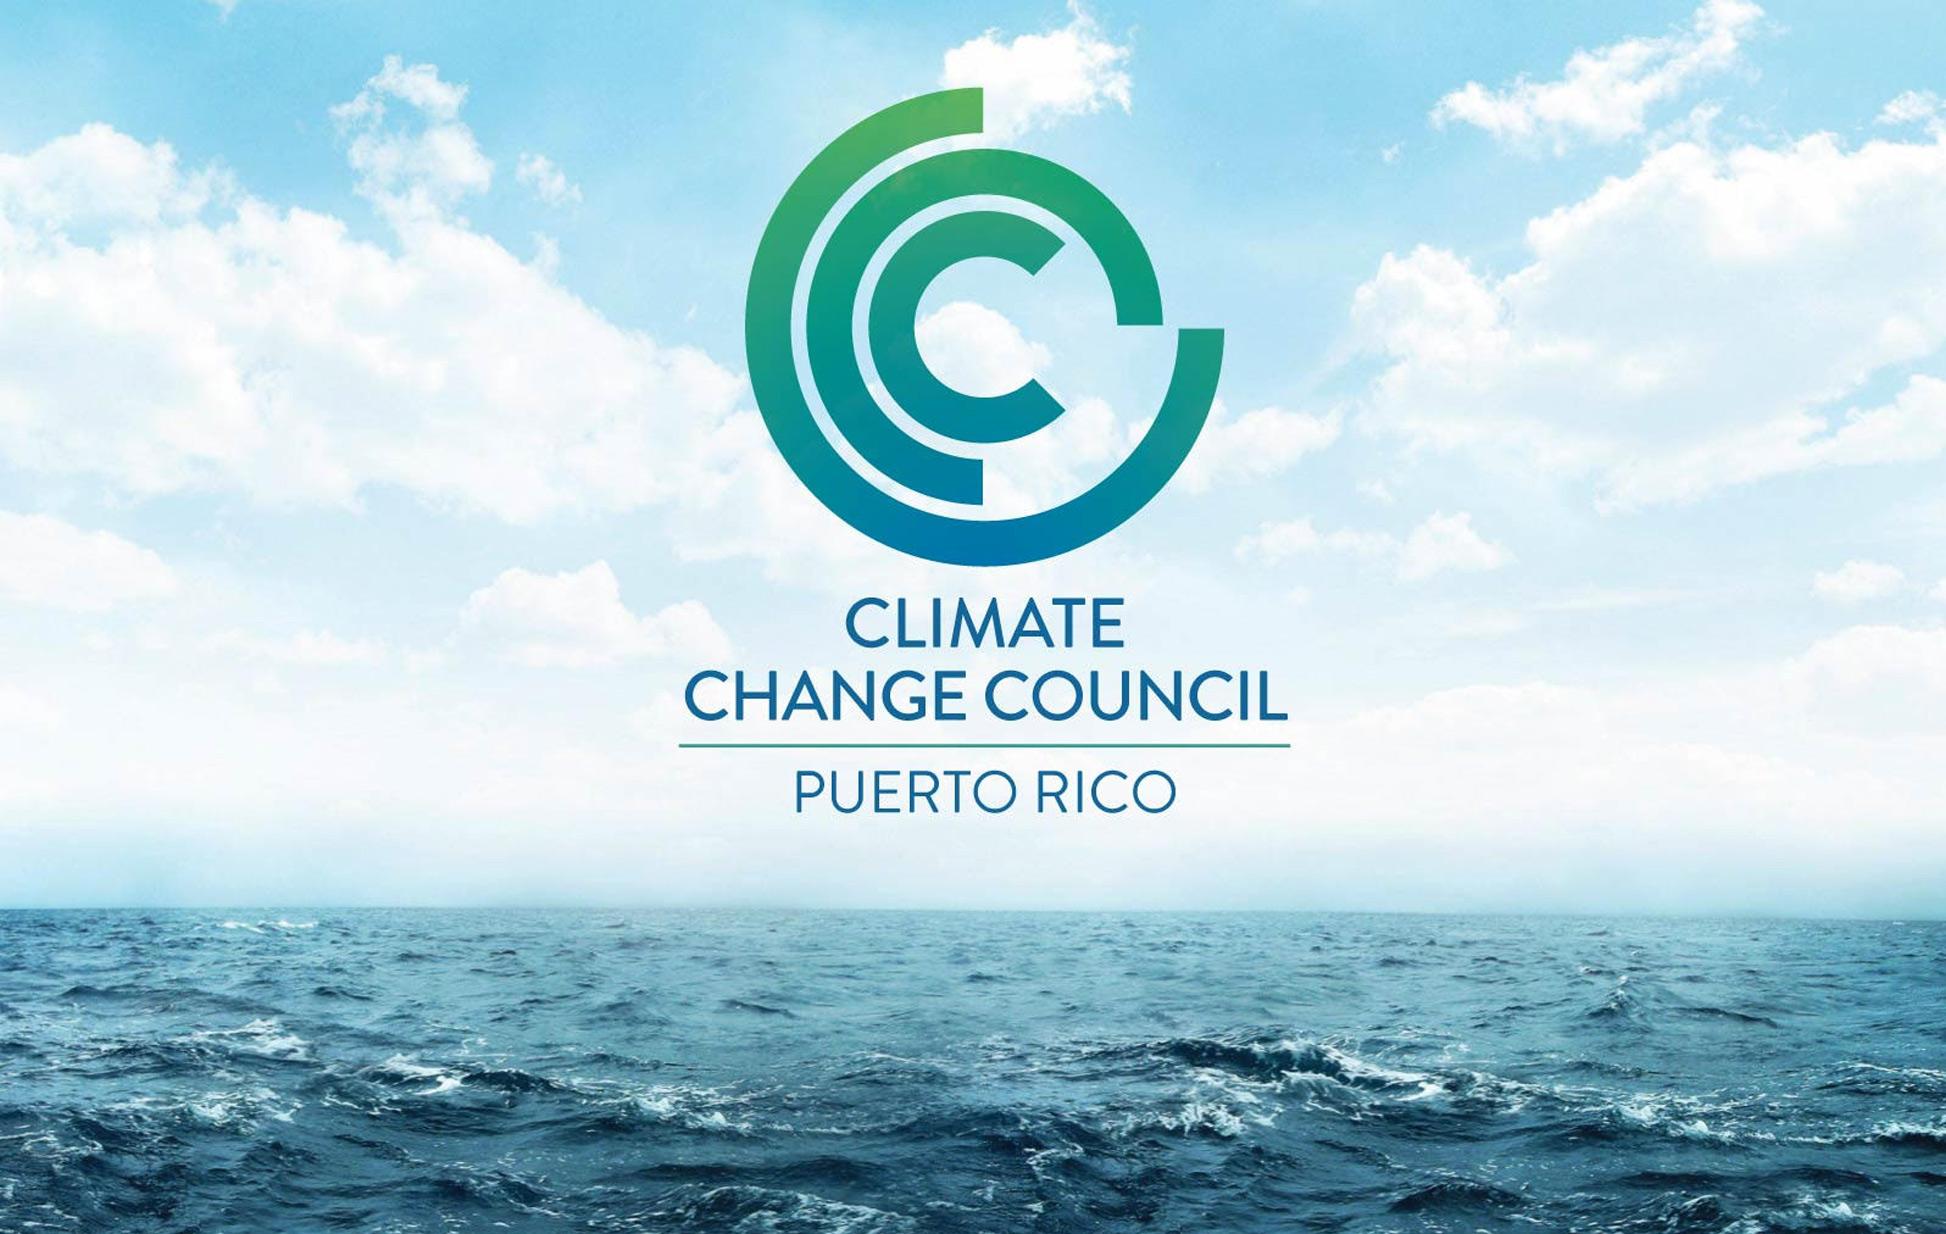 climate change council